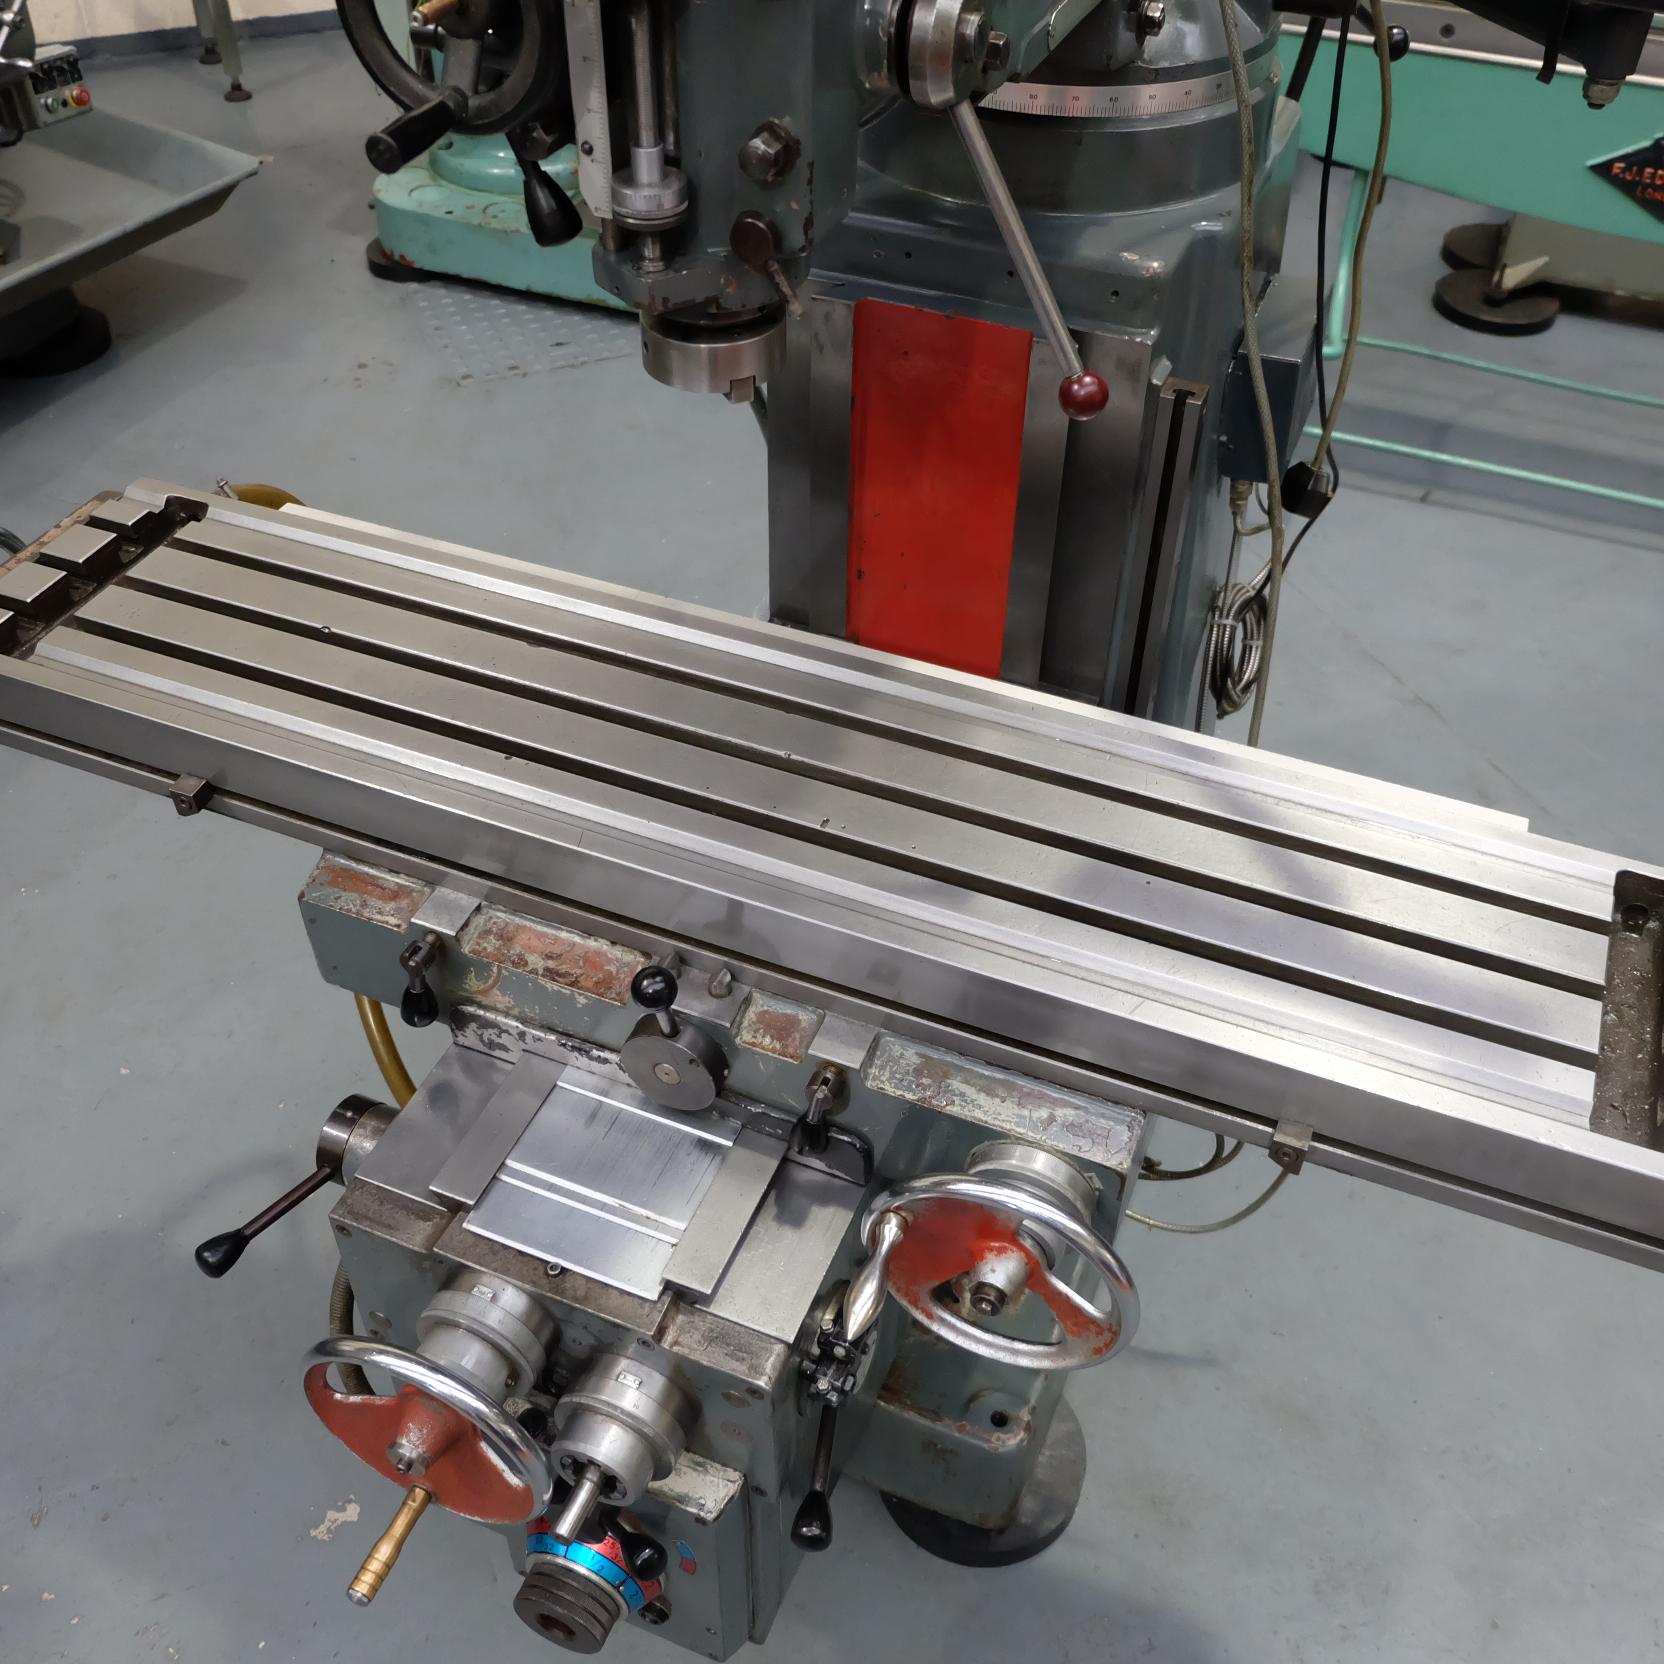 Ajax Model AJT4 Turret Milling Machine. - Image 6 of 9